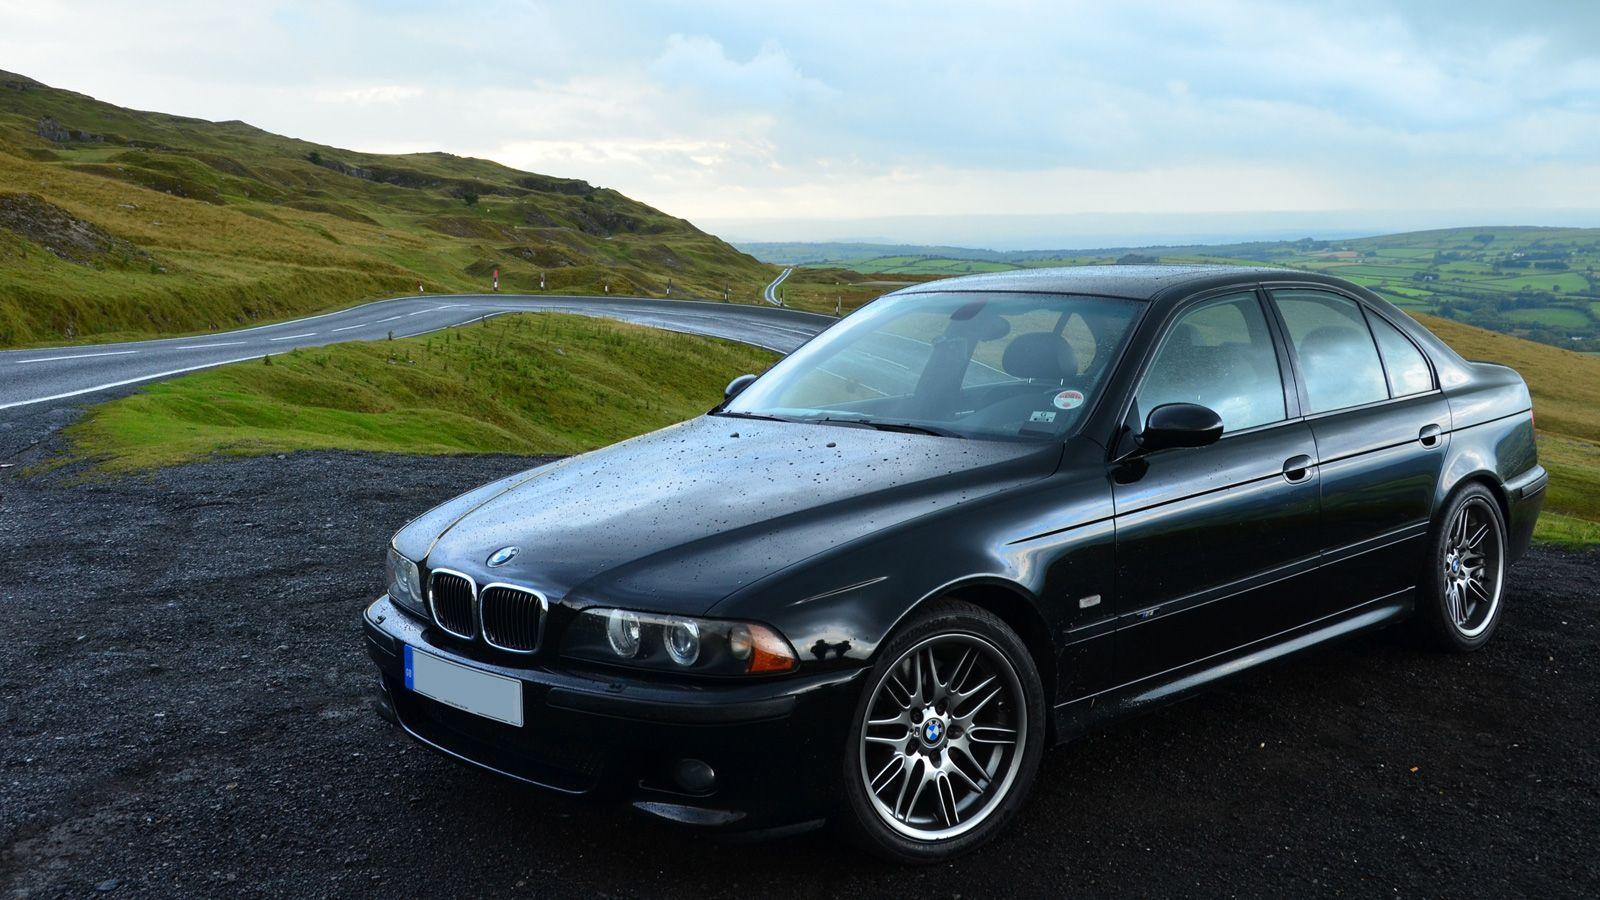 BMW E39 Wallpaper 13 - 1600x900